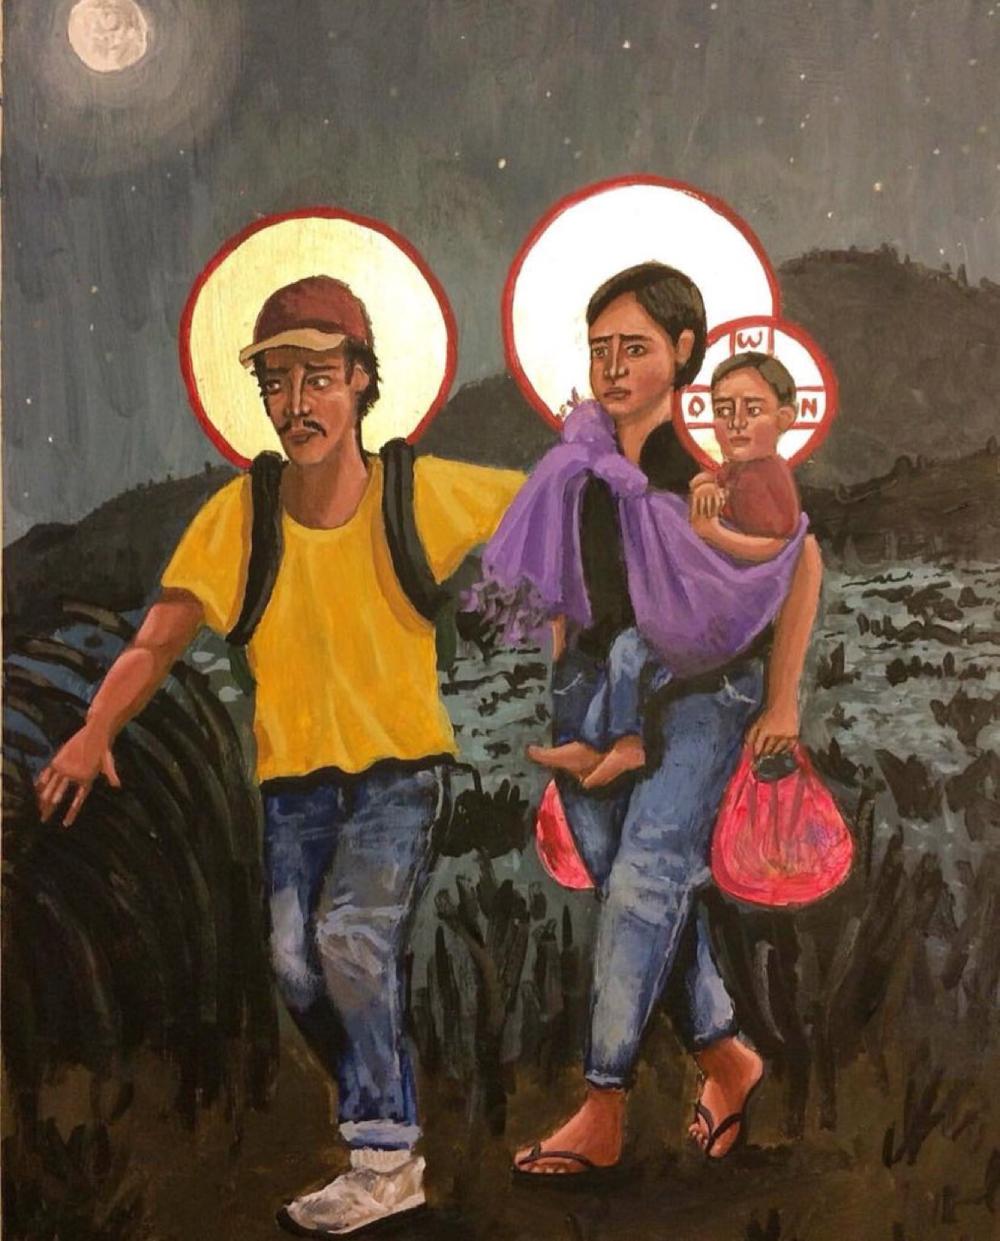 Refugees: La Sagrada Familia by Kelly Latimore (https://kellylatimoreicons.com)